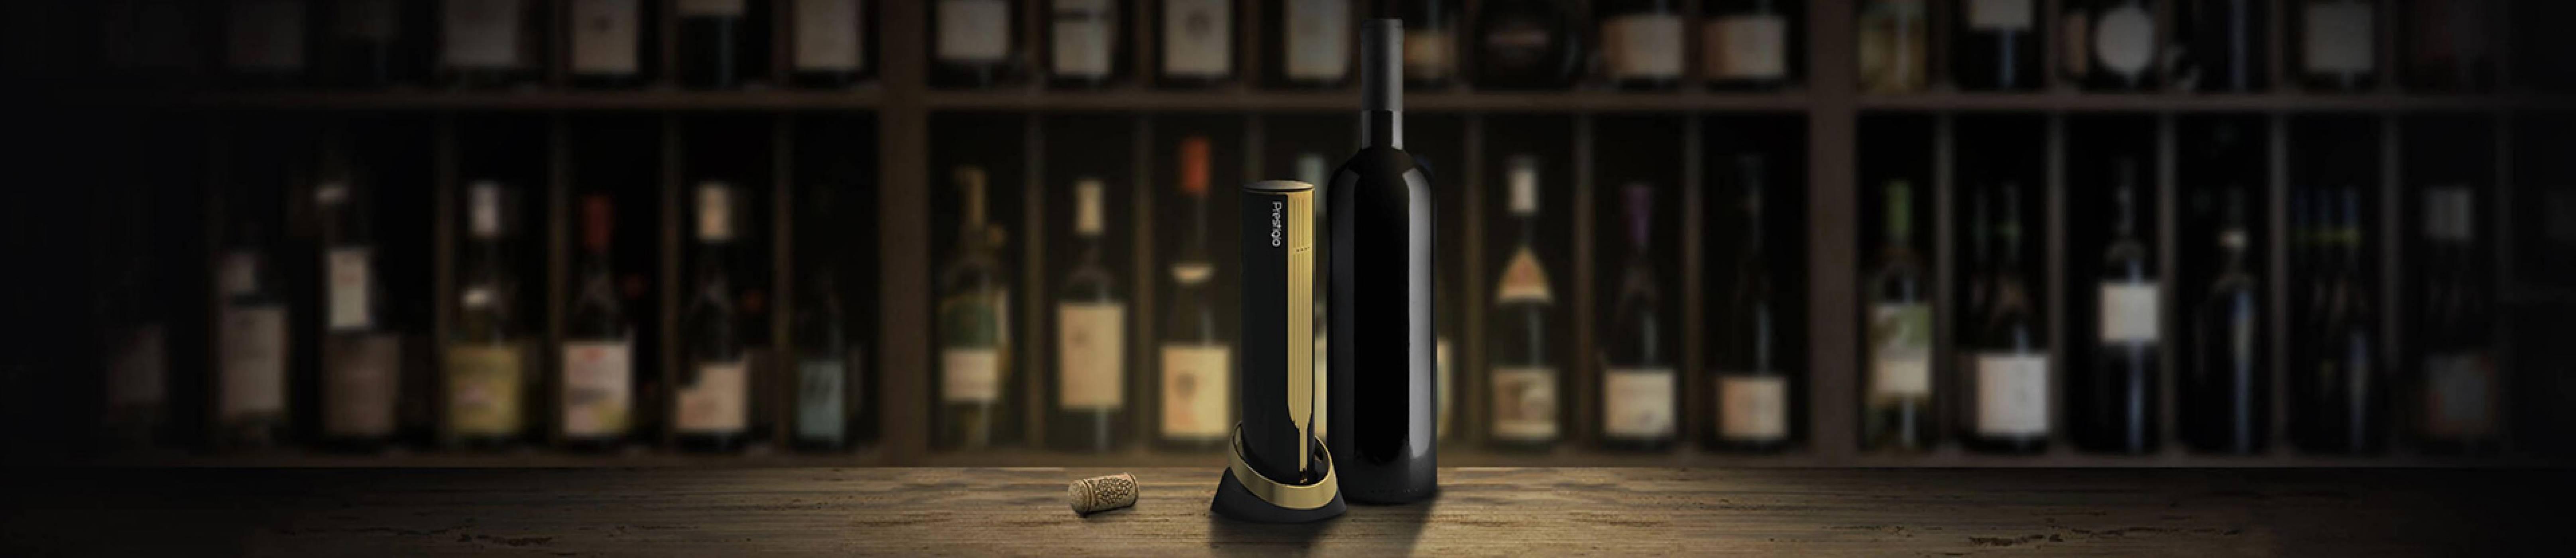 Насладете се на виното с финес и... електрическа отварачка за вино от Prestigio!